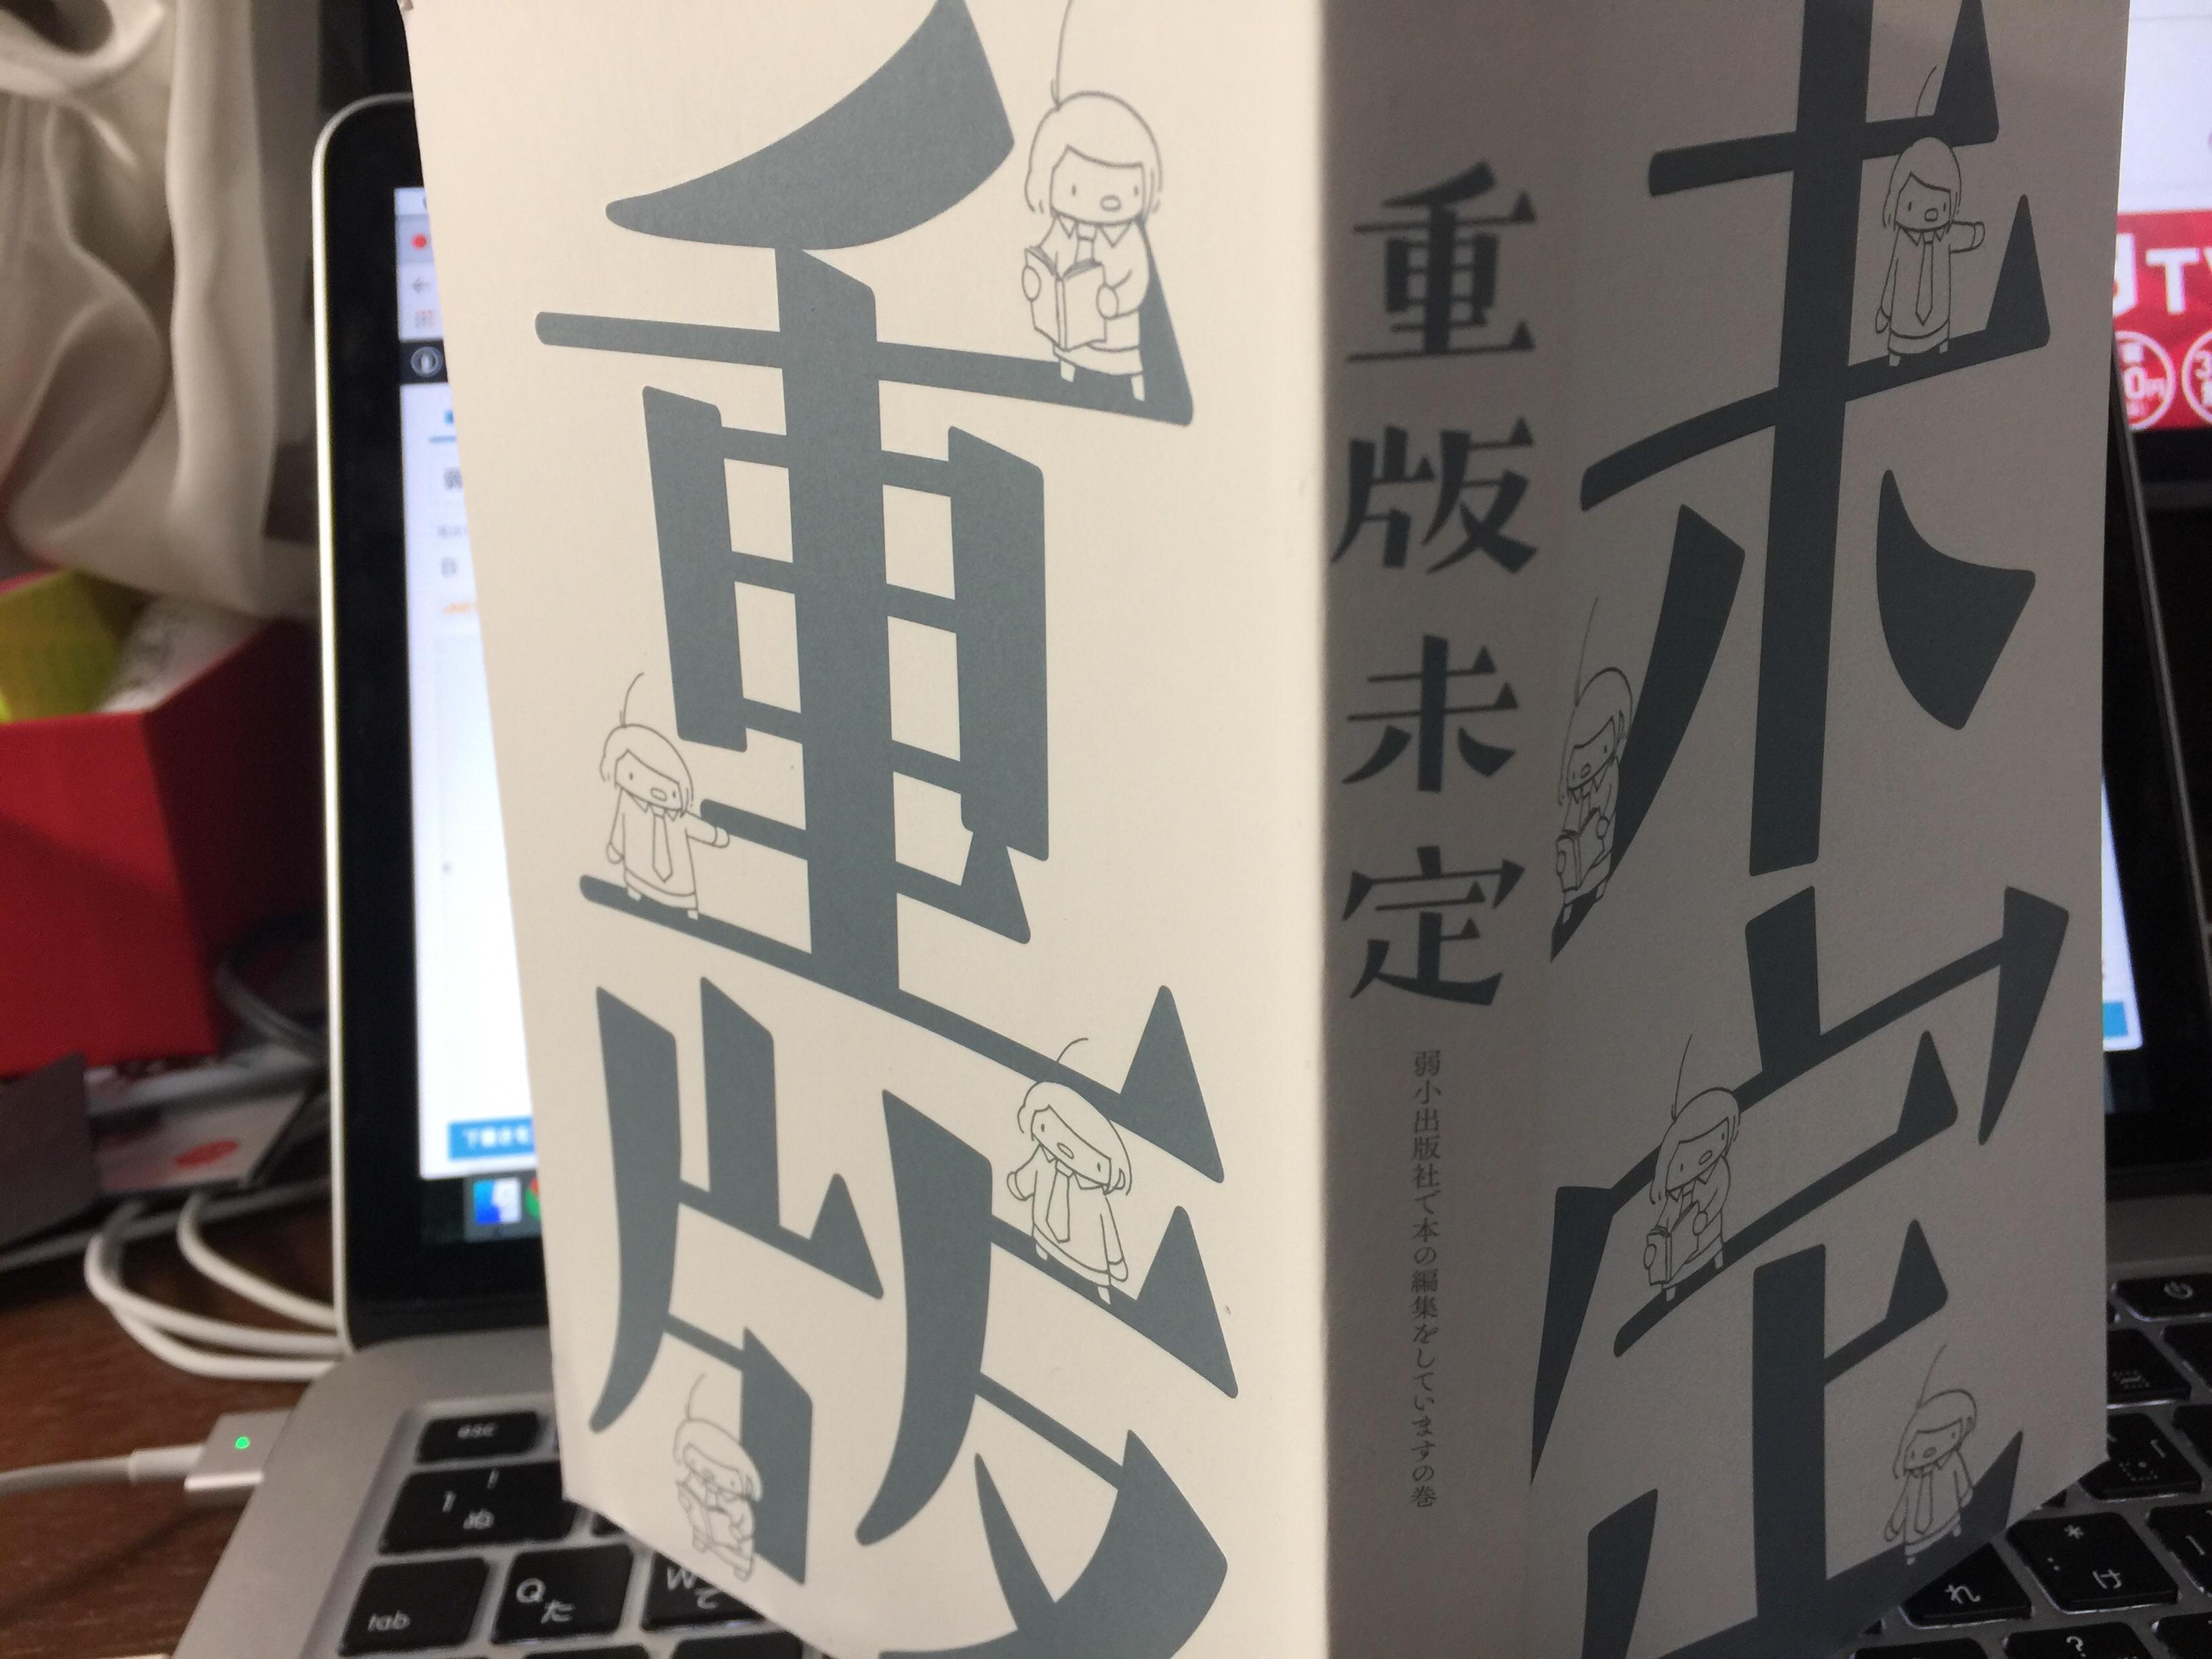 出版業界 マンガ 『重版未定』